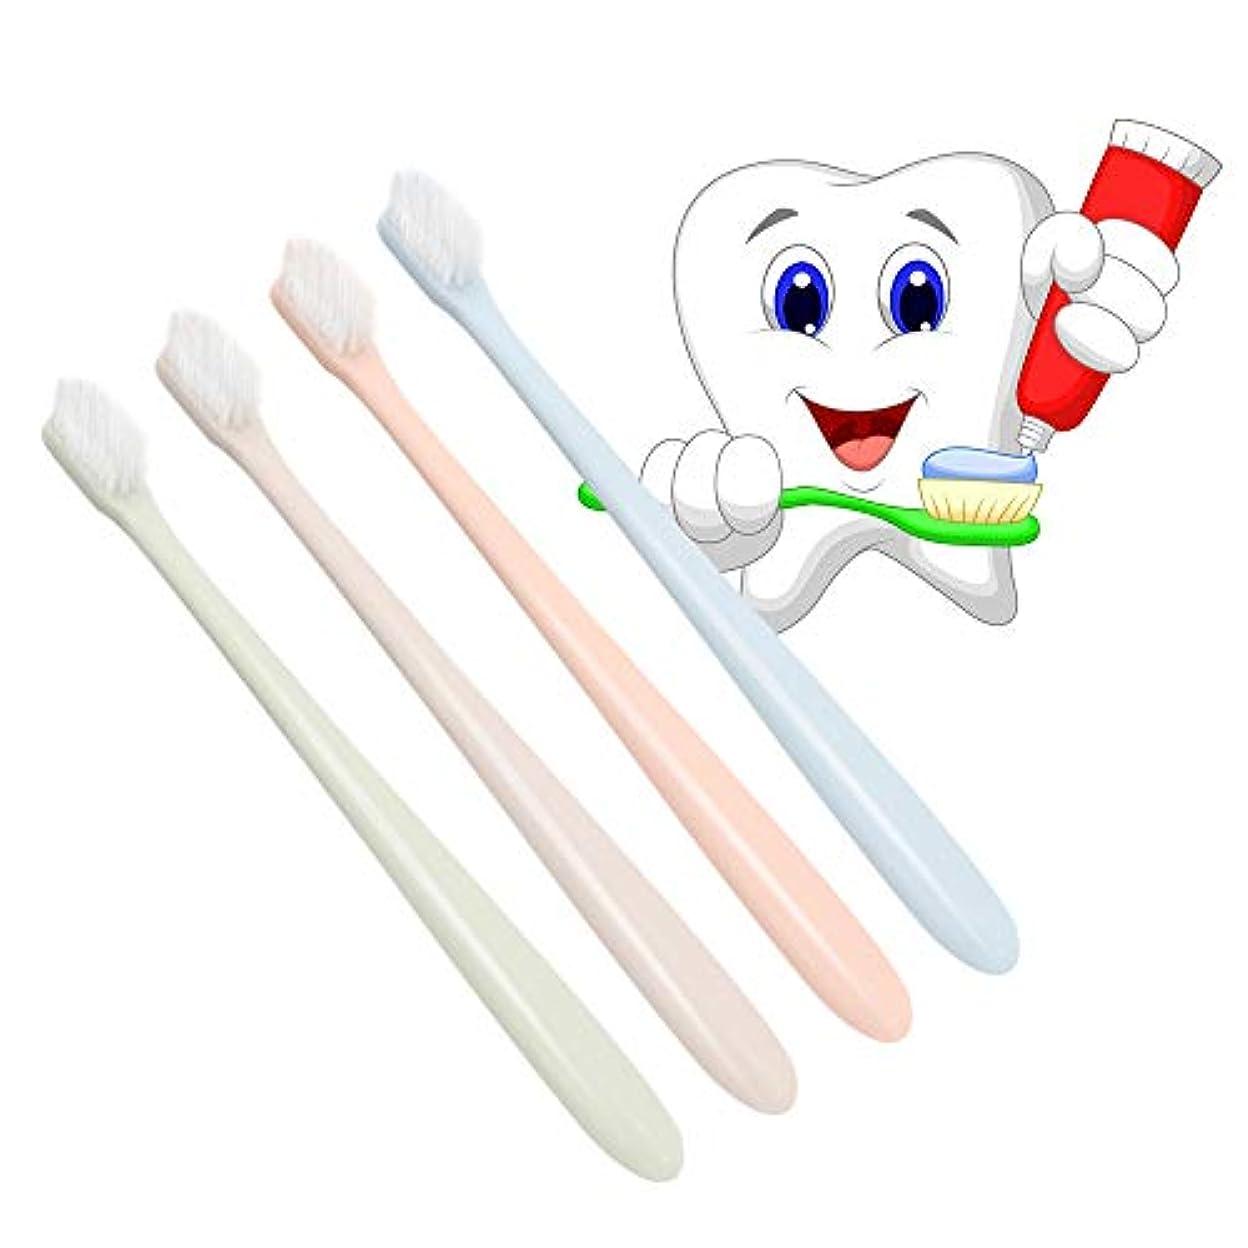 保存ご意見マニアDecdeal 歯ブラシ 4本入り 大人の歯ブラシ 柔らかい 携帯用